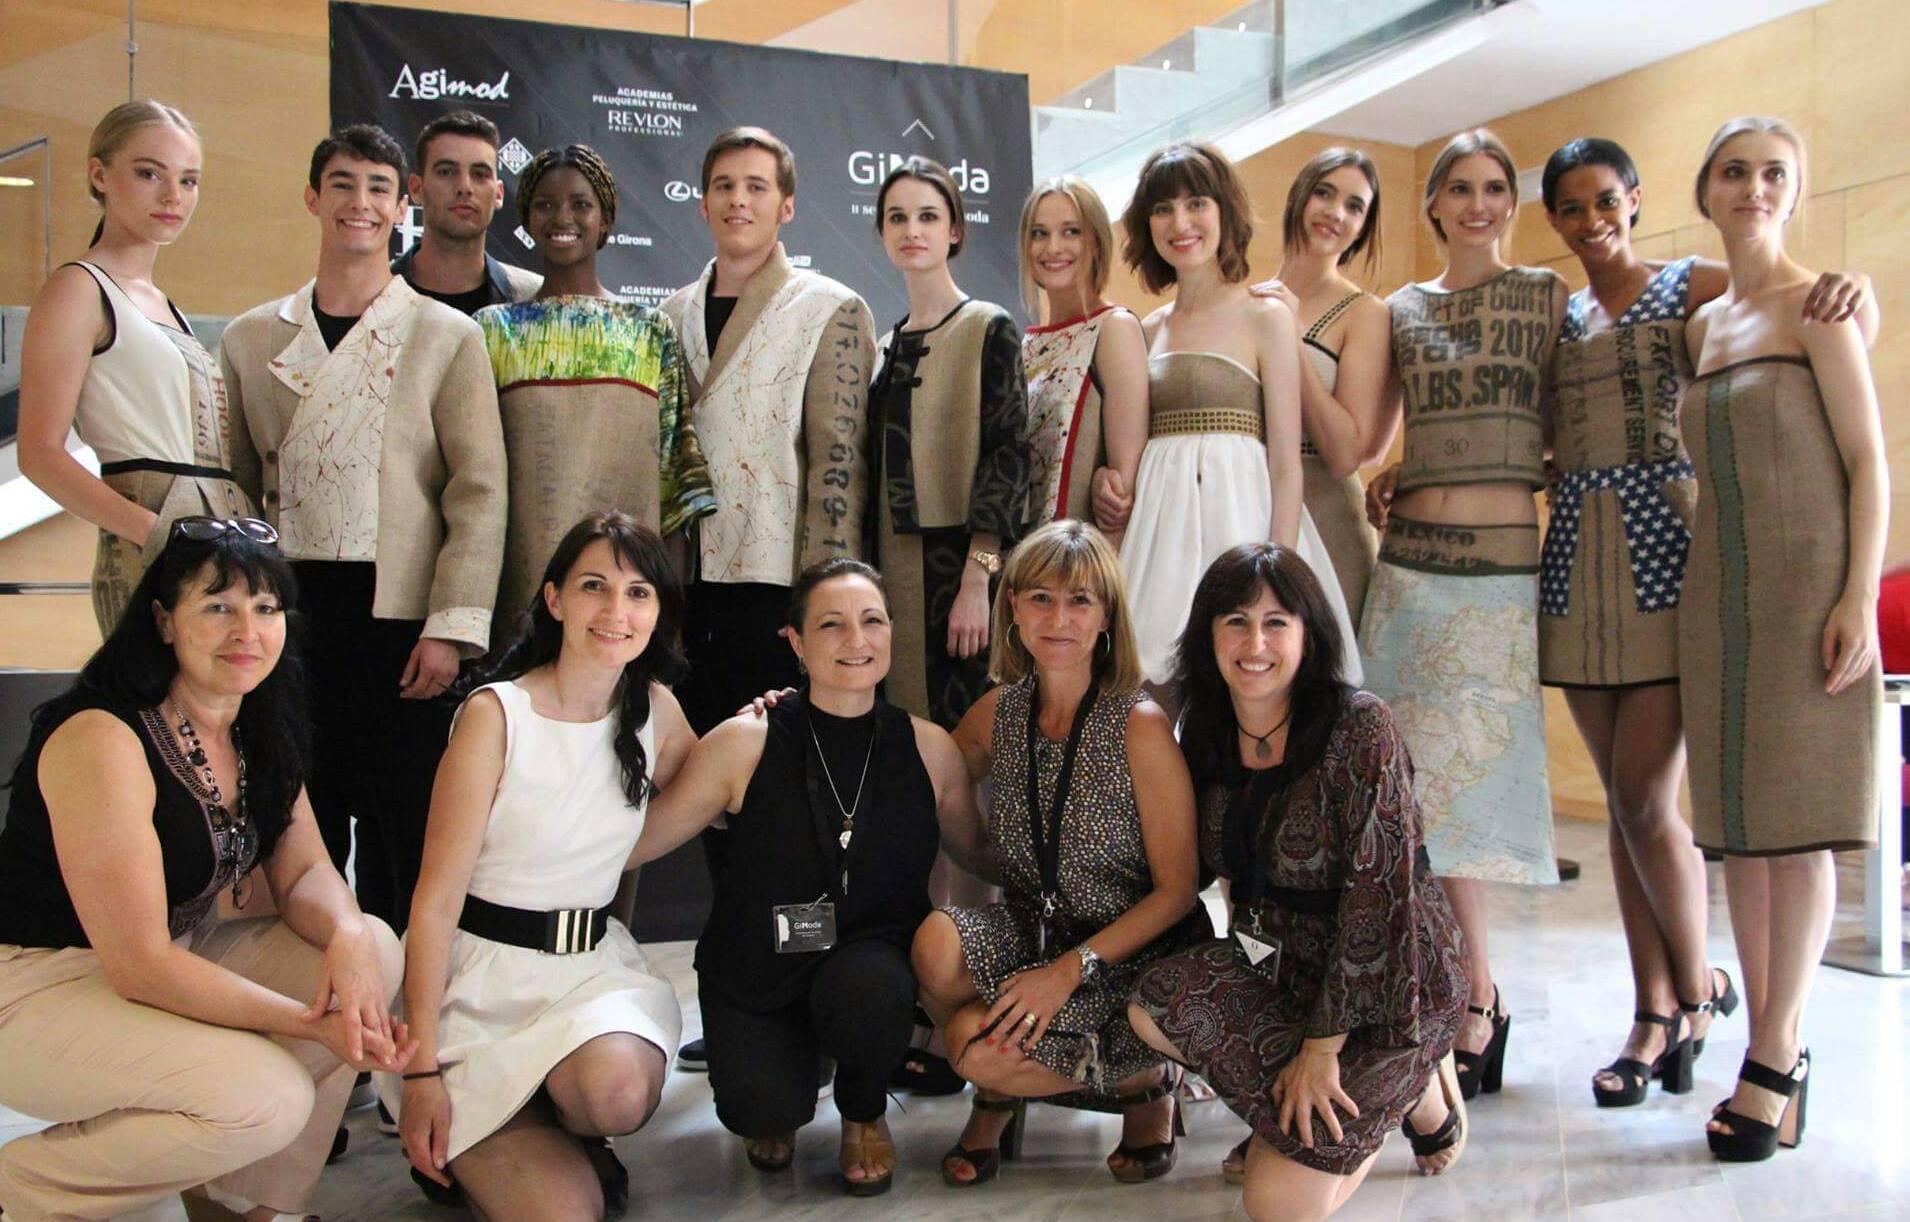 Ekolojik Moda, Kahve Çuvalından Tasarım Ürünler - Galeri